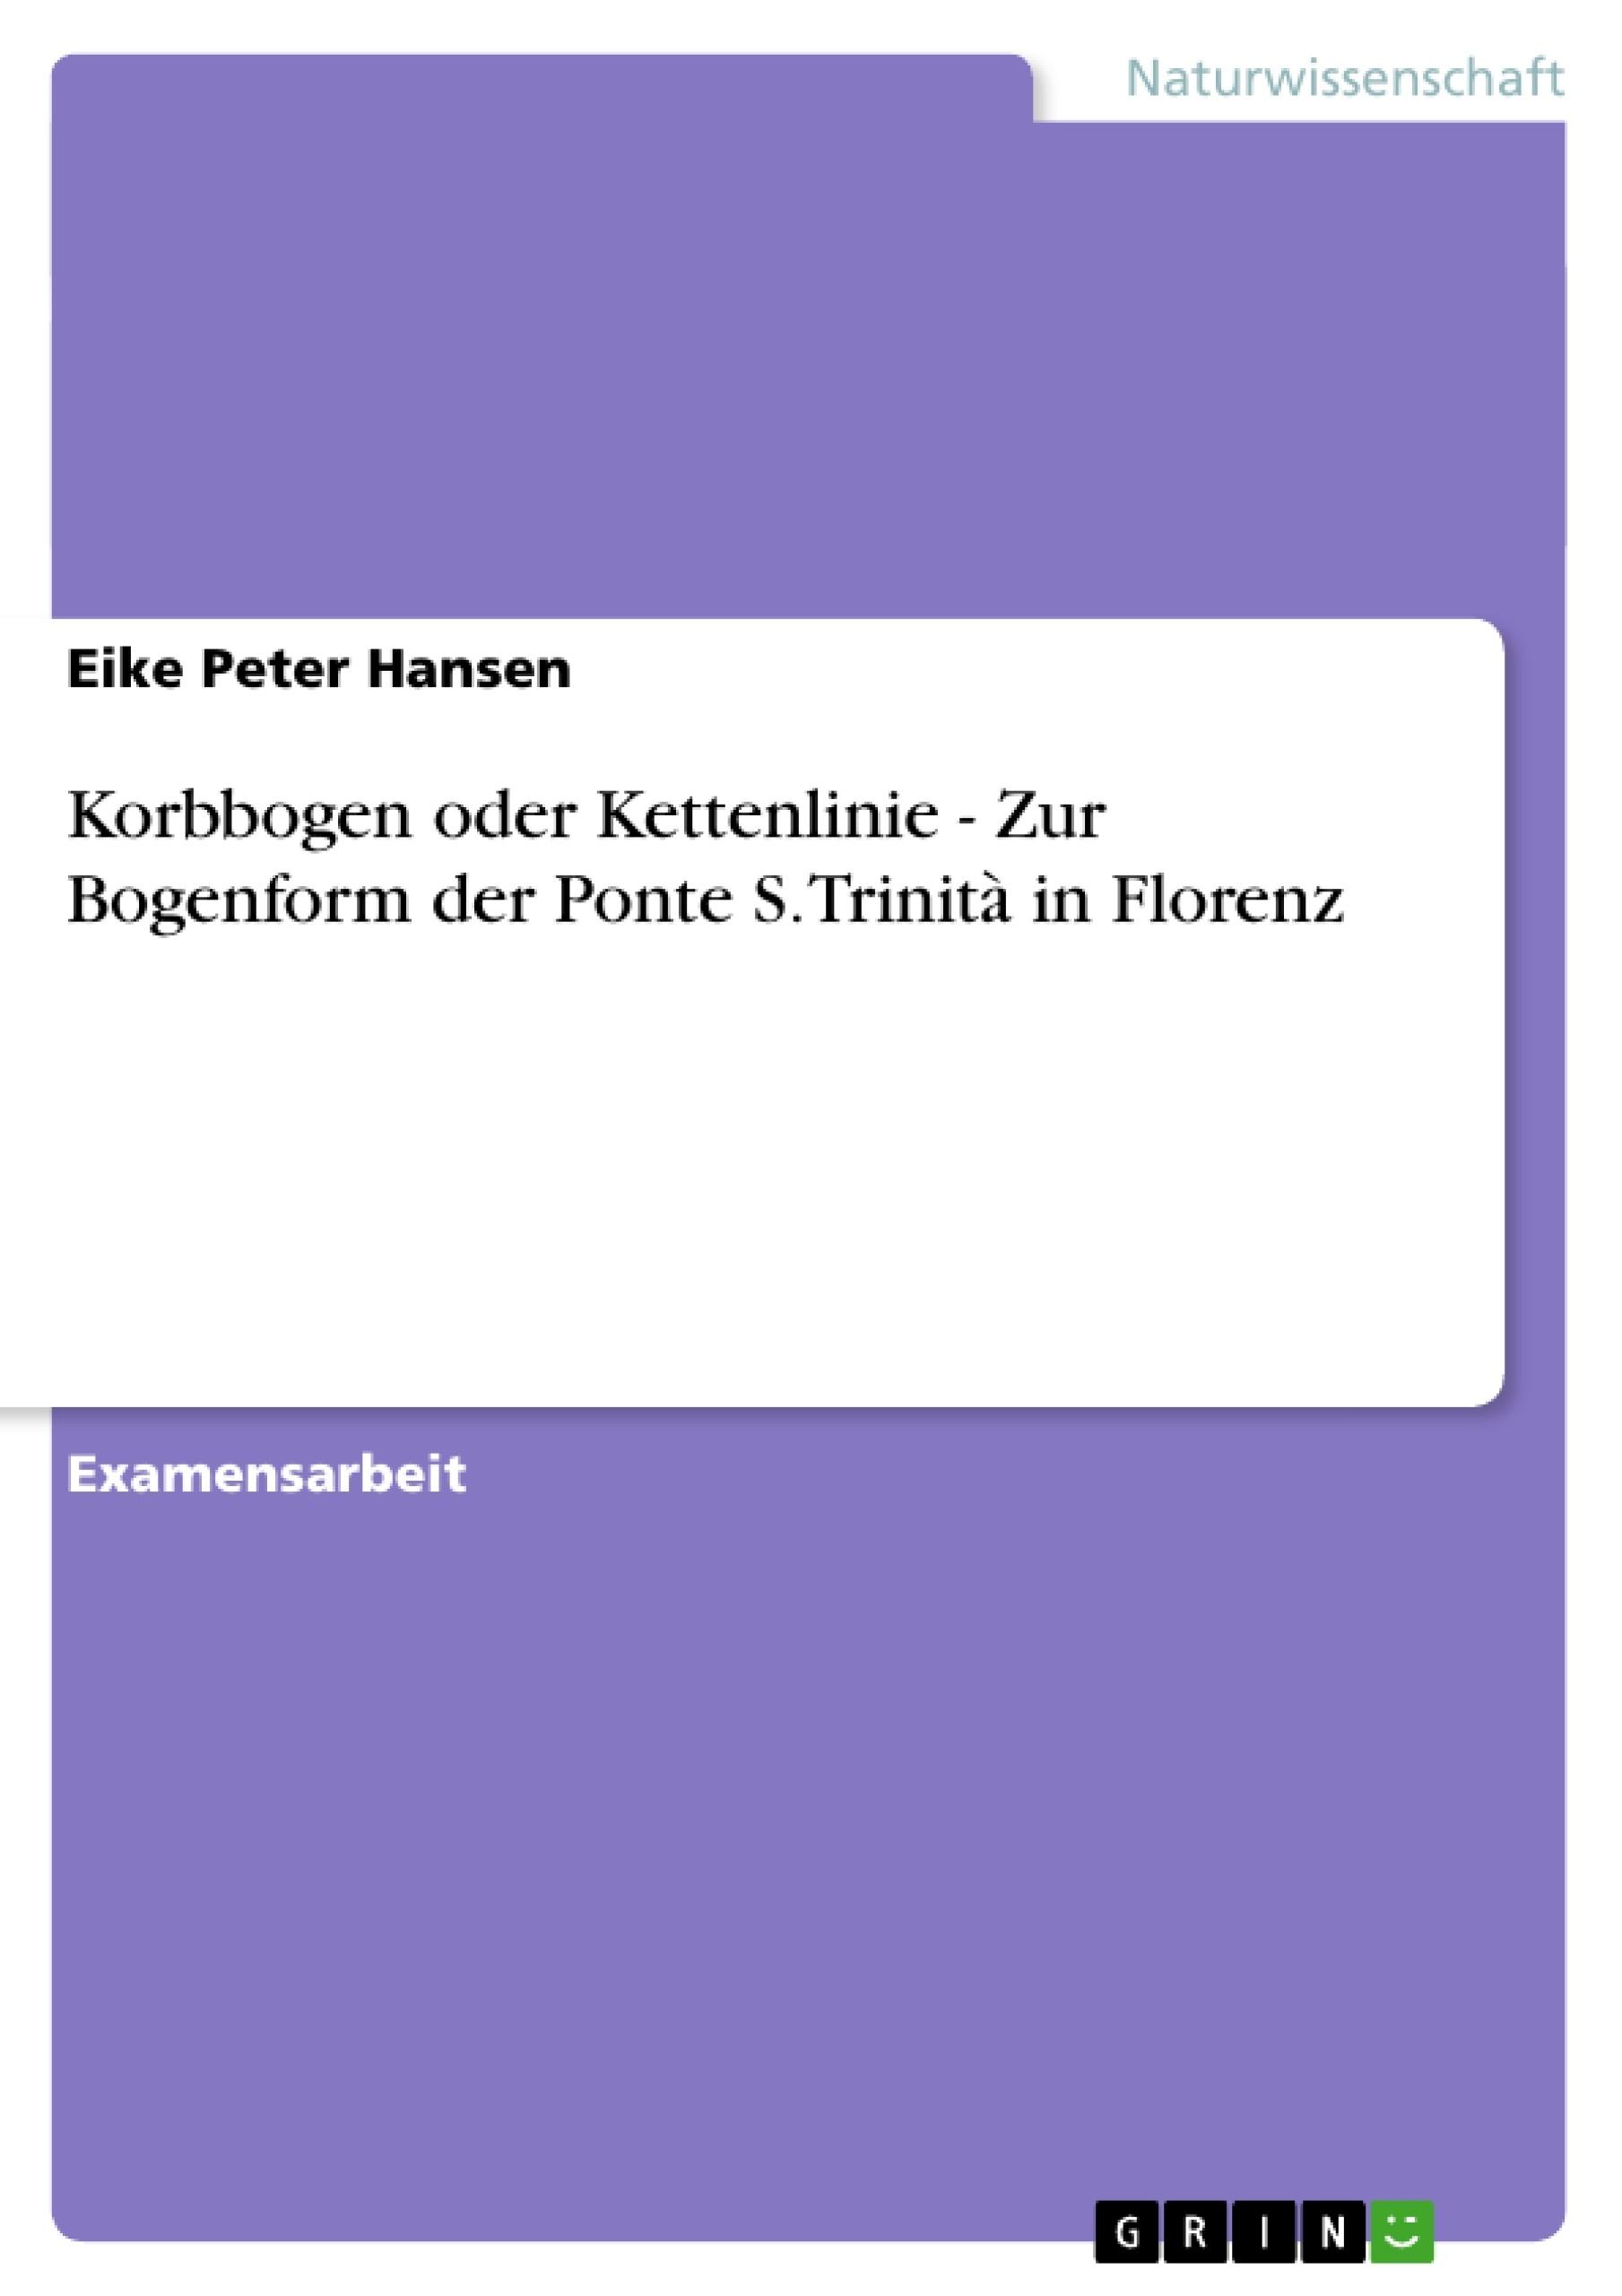 Titel: Korbbogen oder Kettenlinie - Zur Bogenform der  Ponte S. Trinità in Florenz